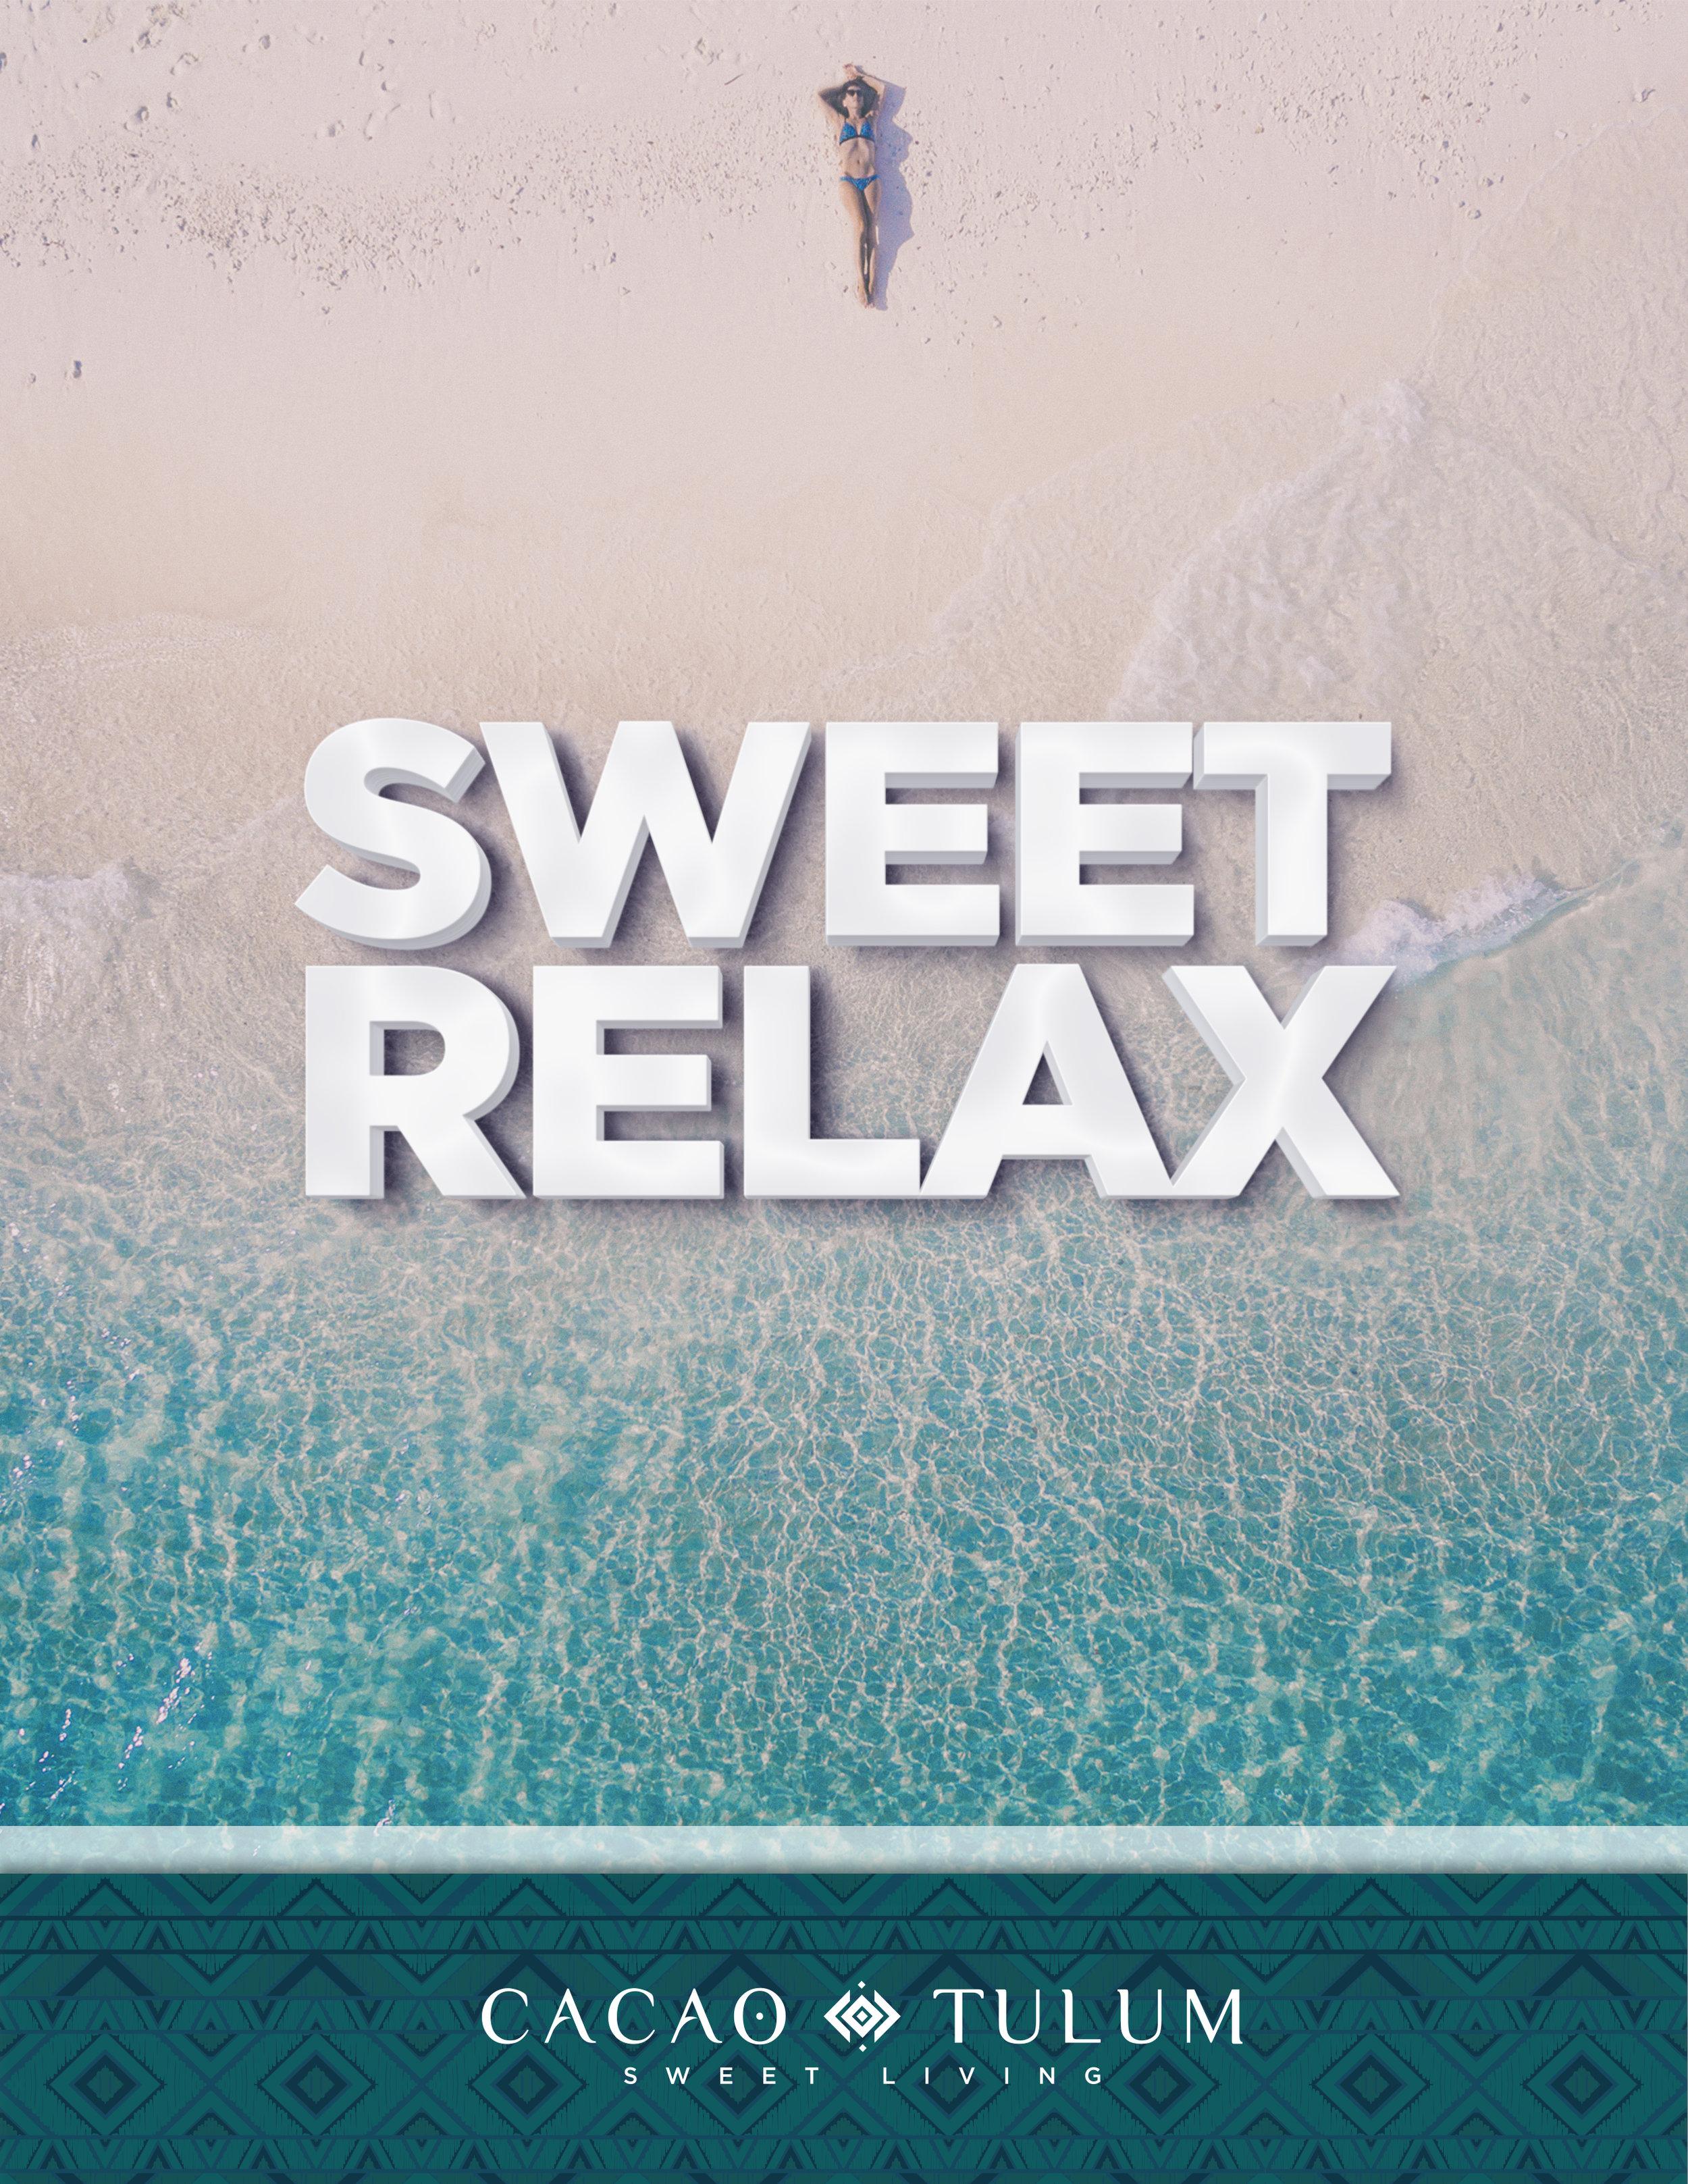 sweet relax 2.jpg